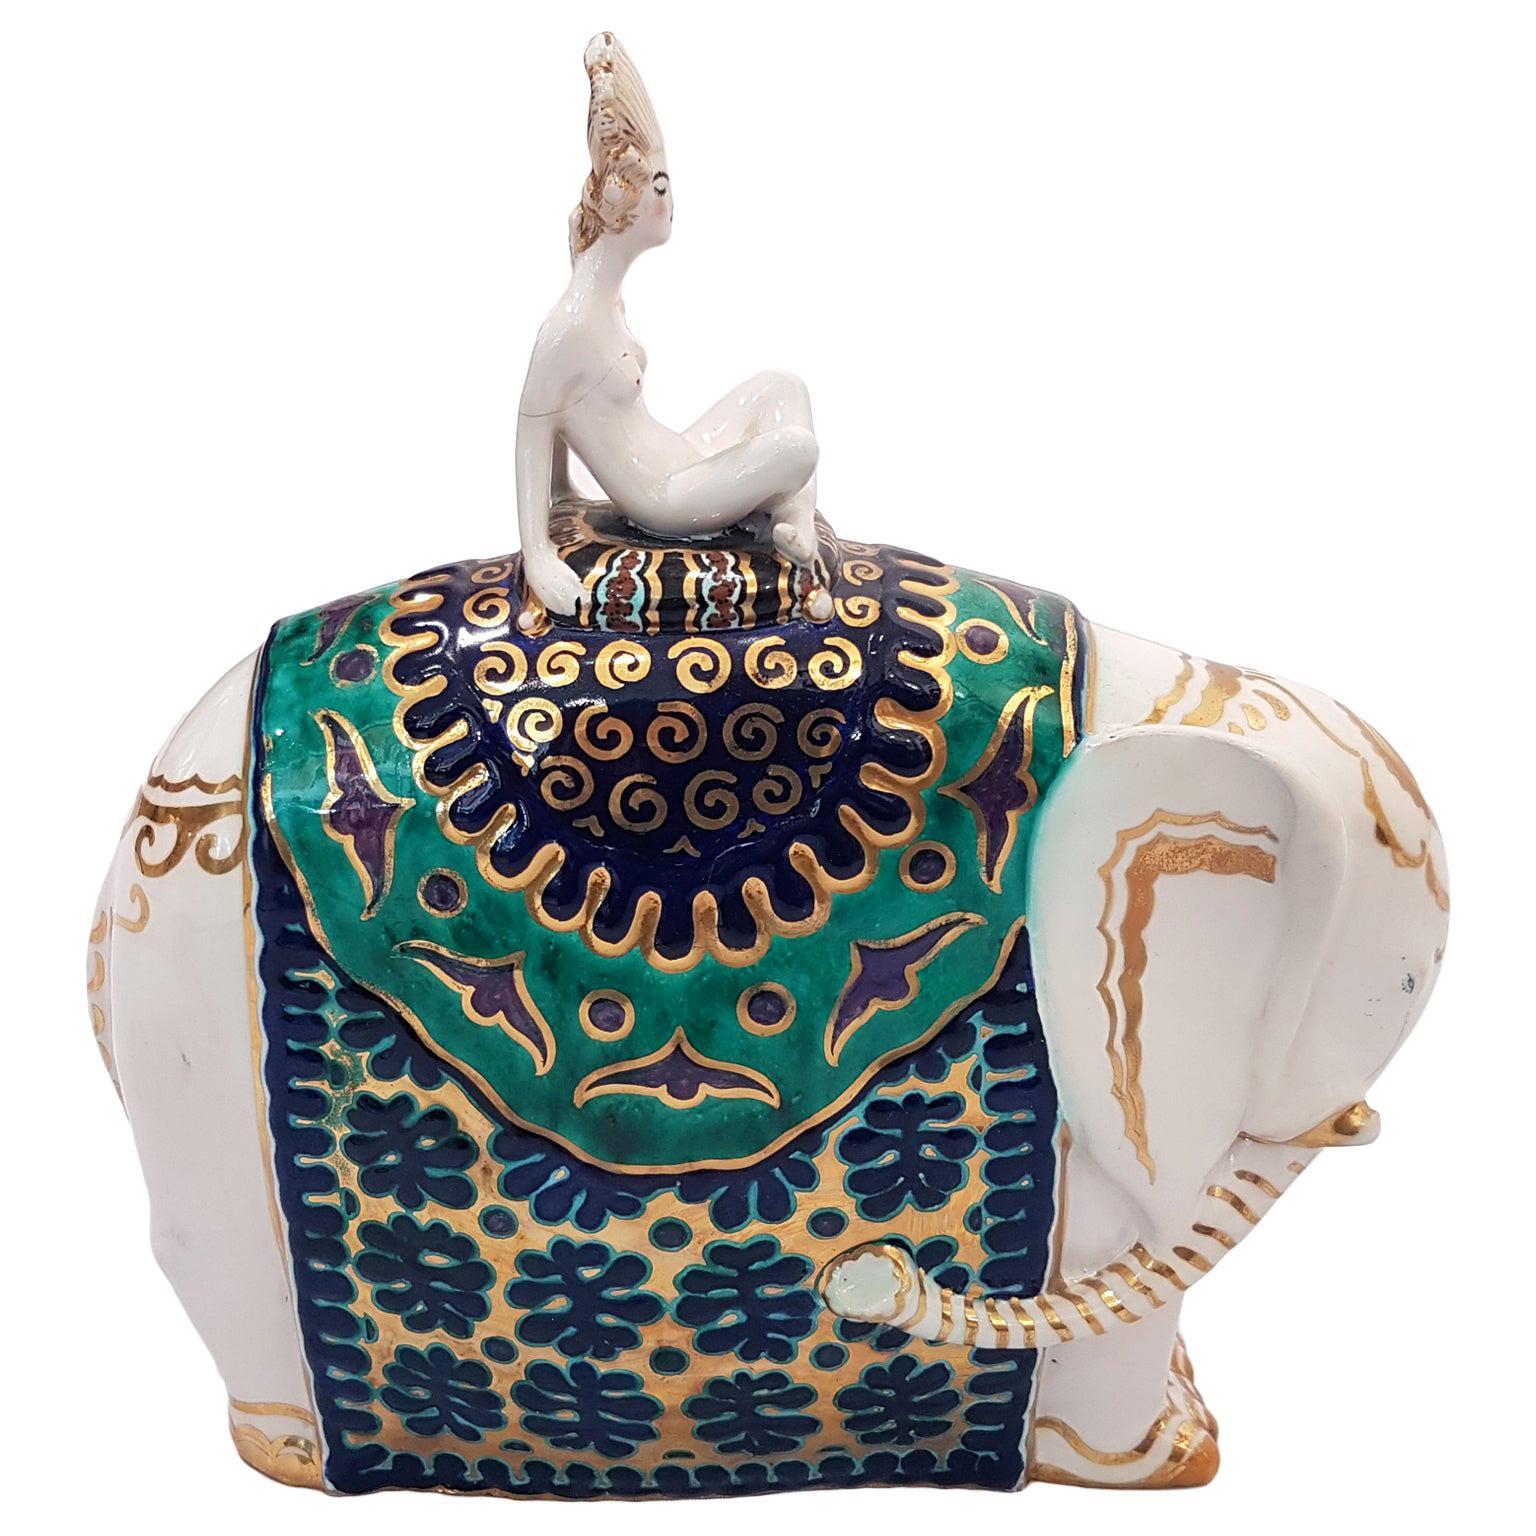 Bayadera on Elephant, Vintage Ceramic by Francesco Nonni, 1922